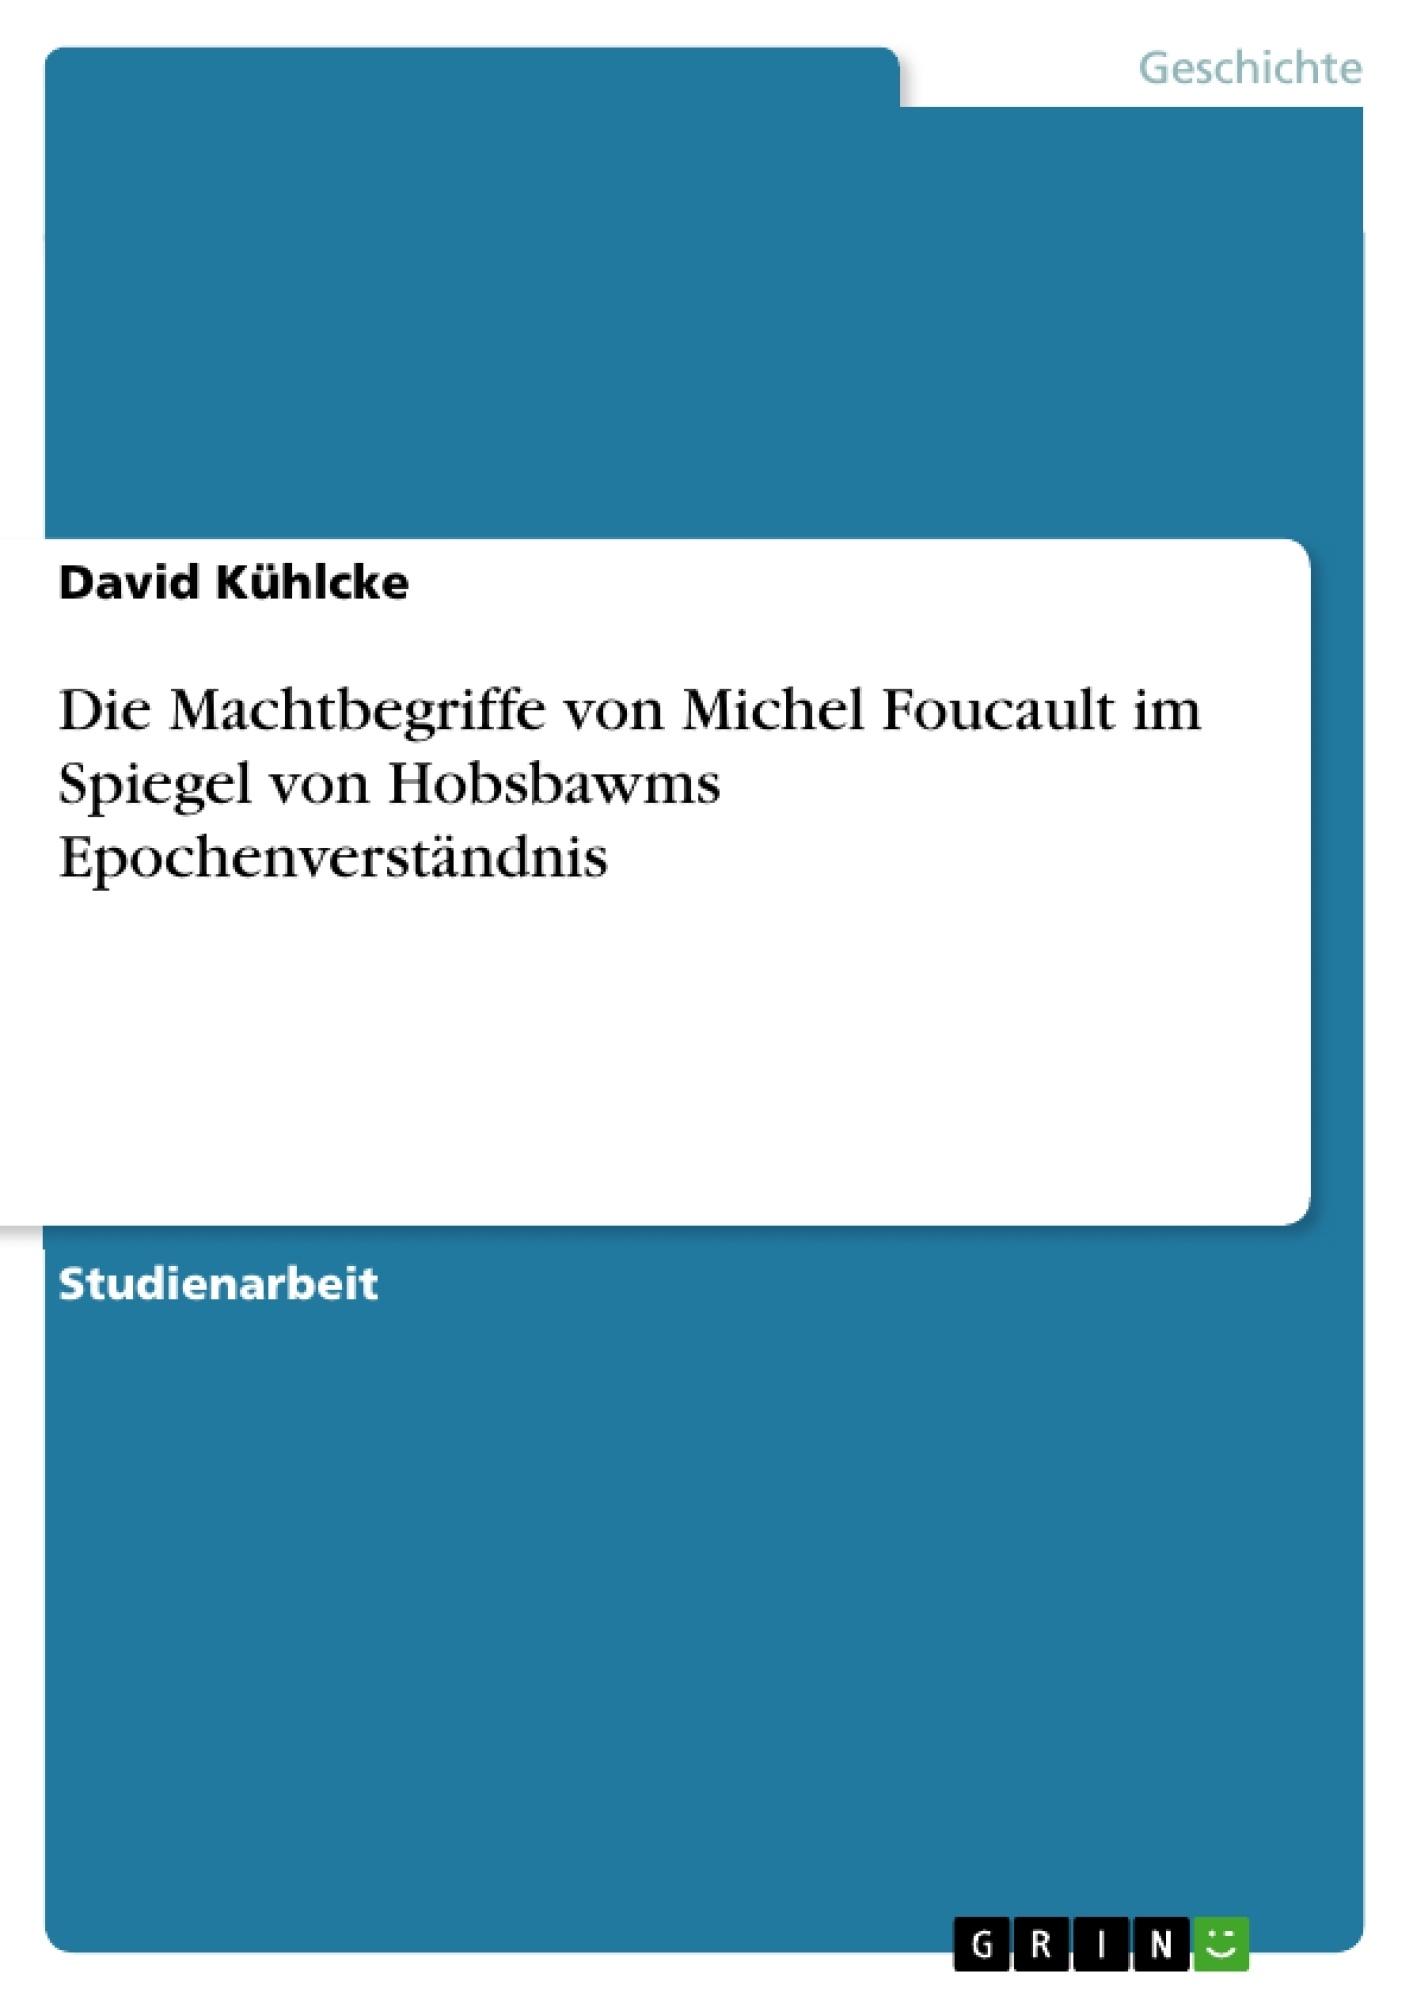 Titel: Die Machtbegriffe von Michel Foucault im Spiegel von Hobsbawms Epochenverständnis